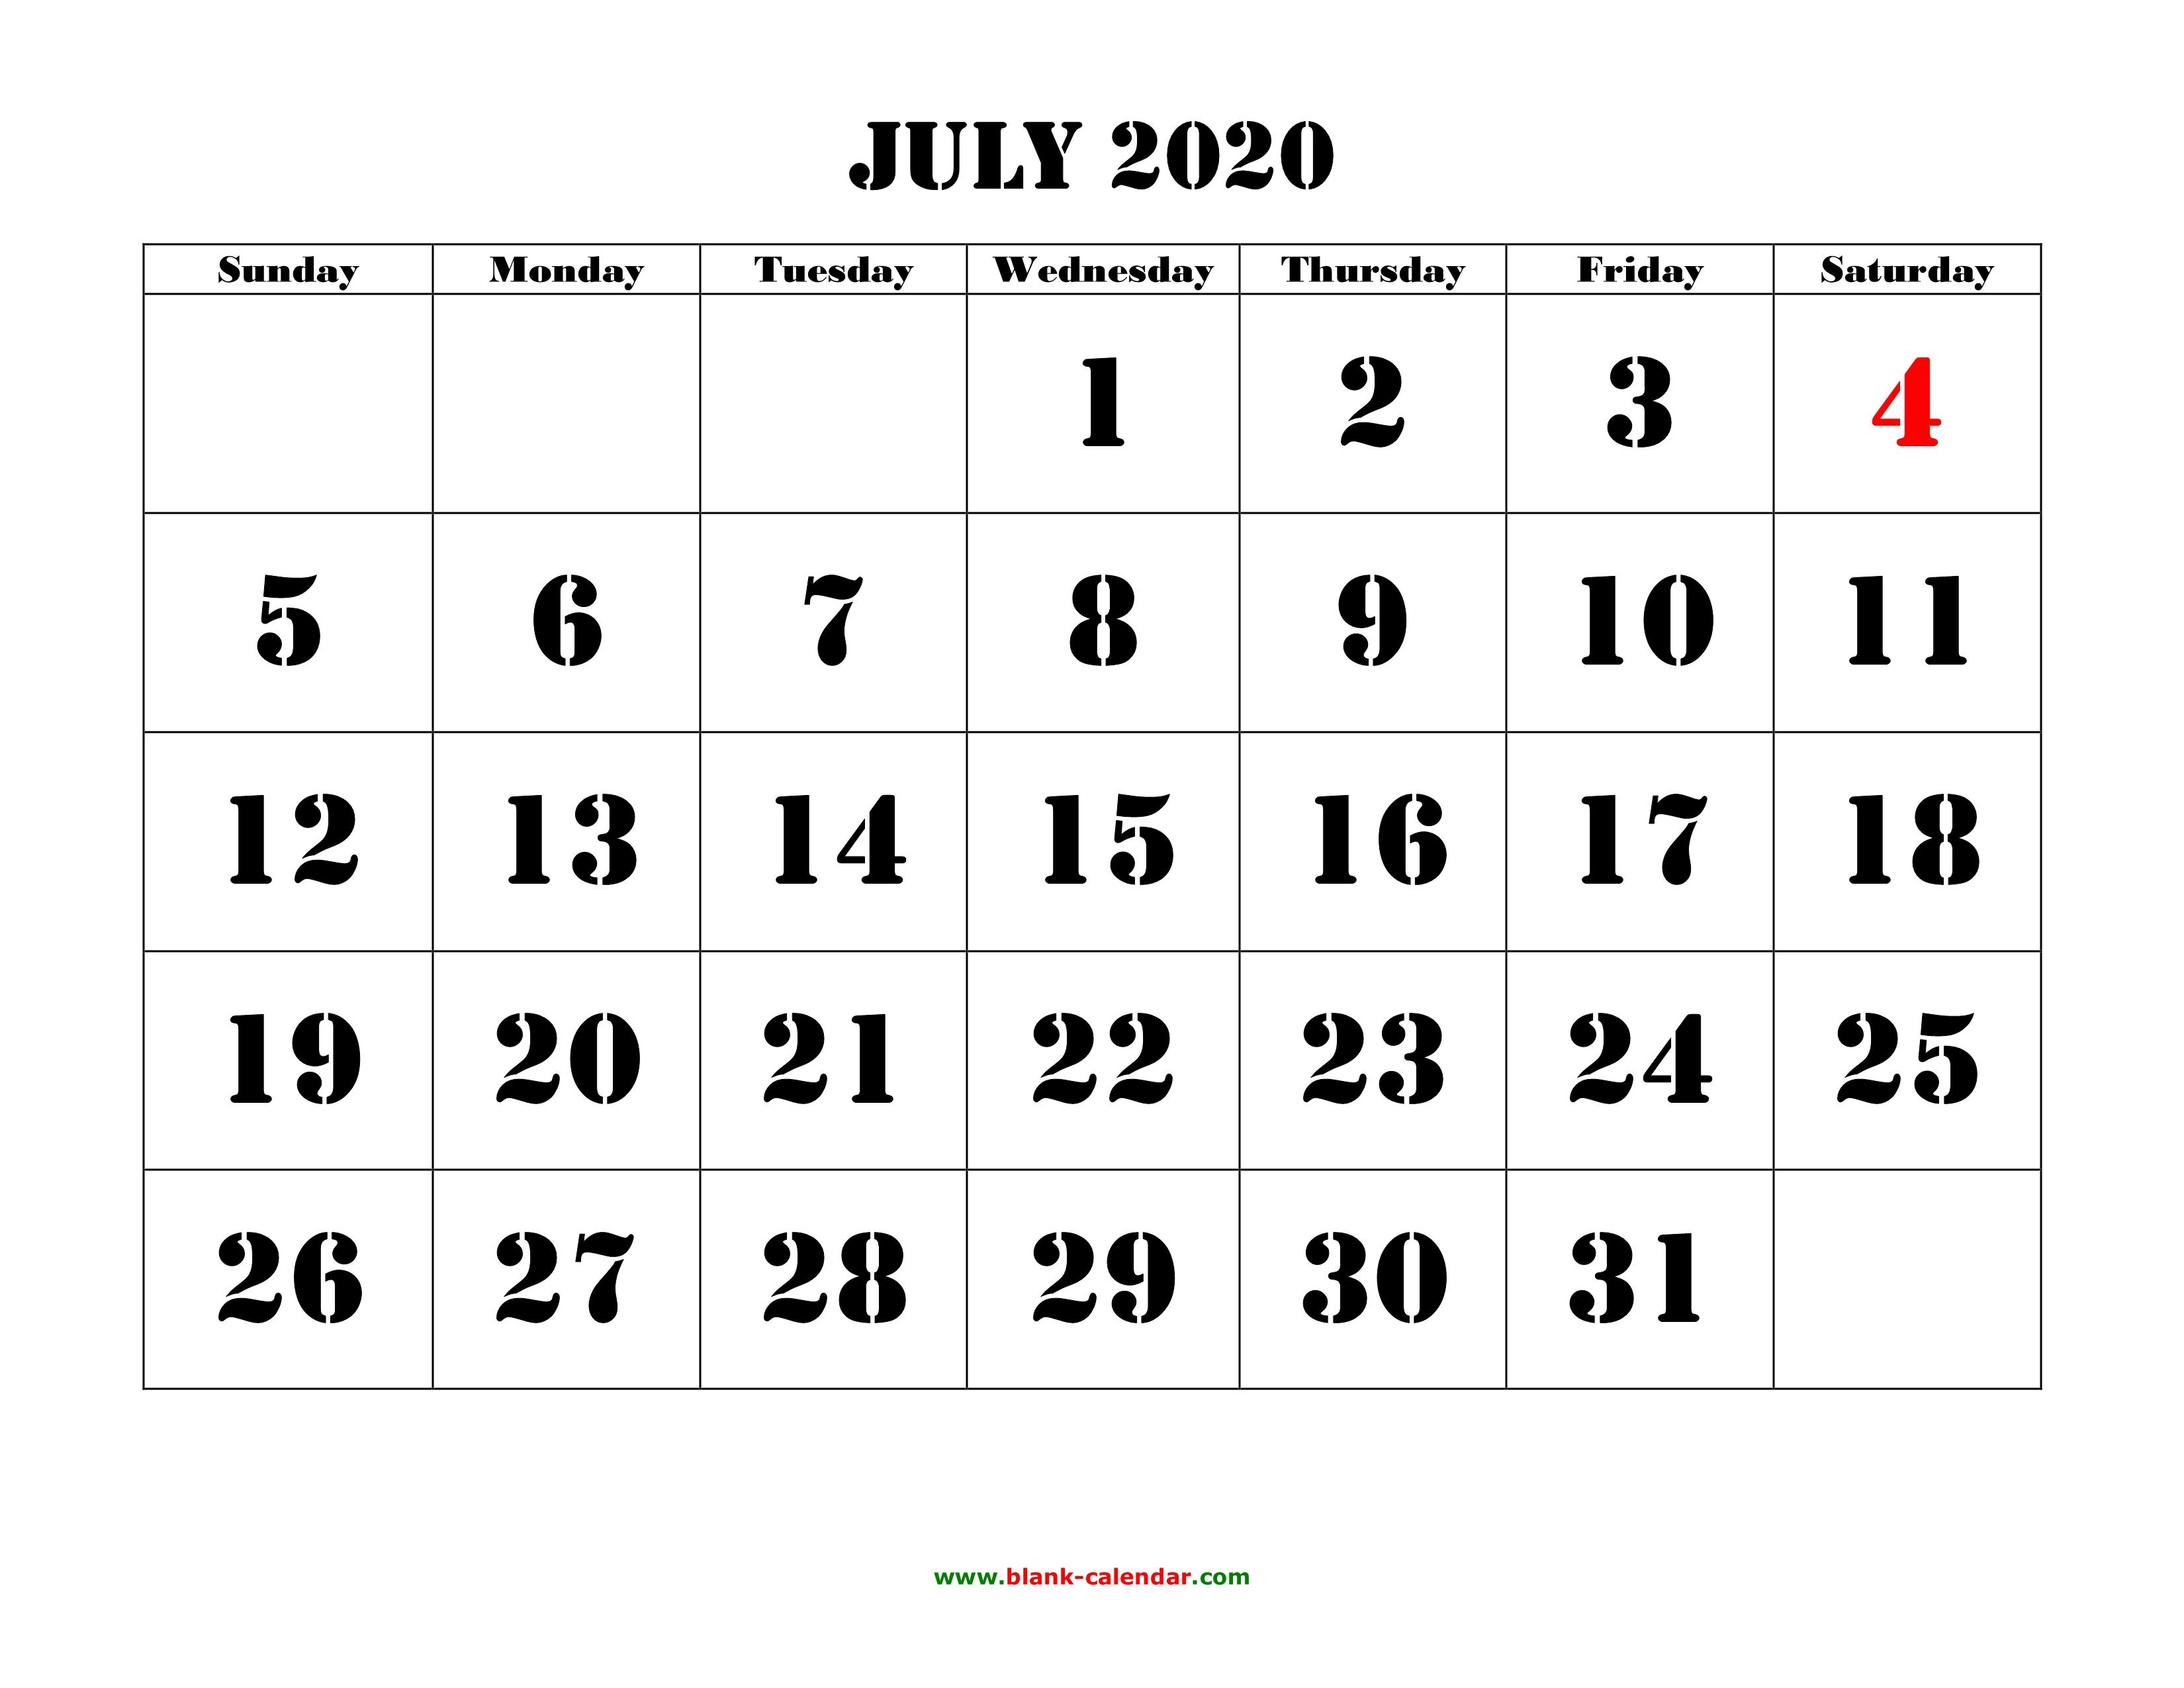 Free Download Printable July 2020 Calendar, Large Font